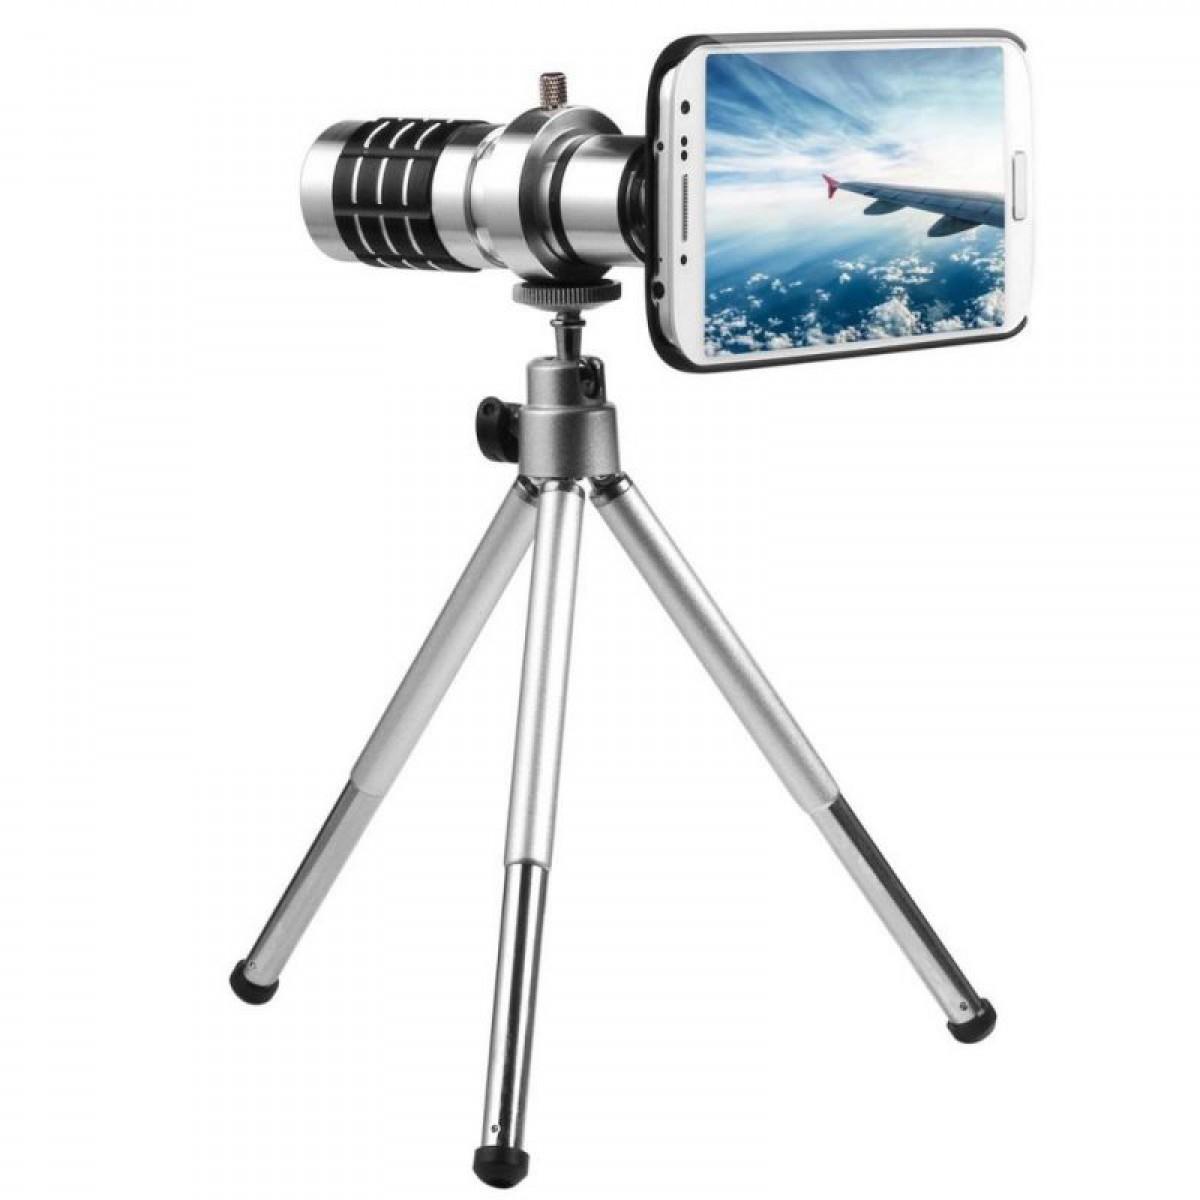 Φακός κάμερας για το κινητό τηλέφωνο με zoom 12x Mobile Telephoto Lens-OEM